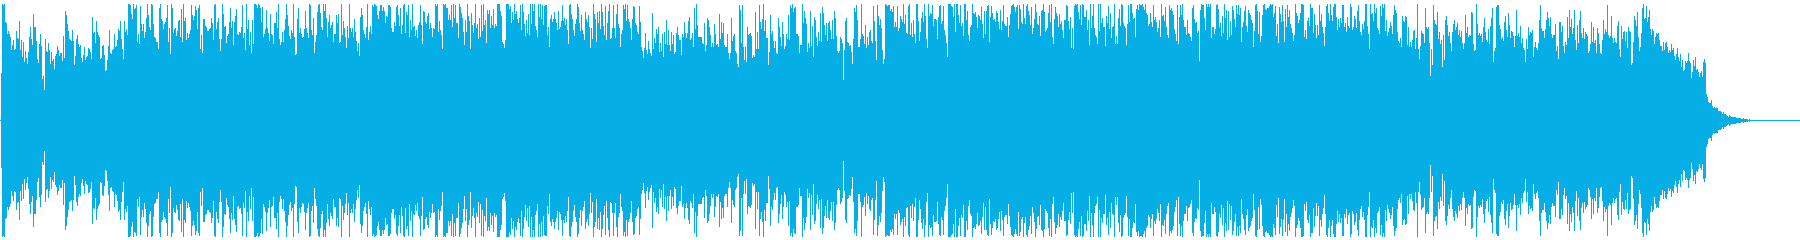 ポジティブで前向きなギターカッティングの再生済みの波形